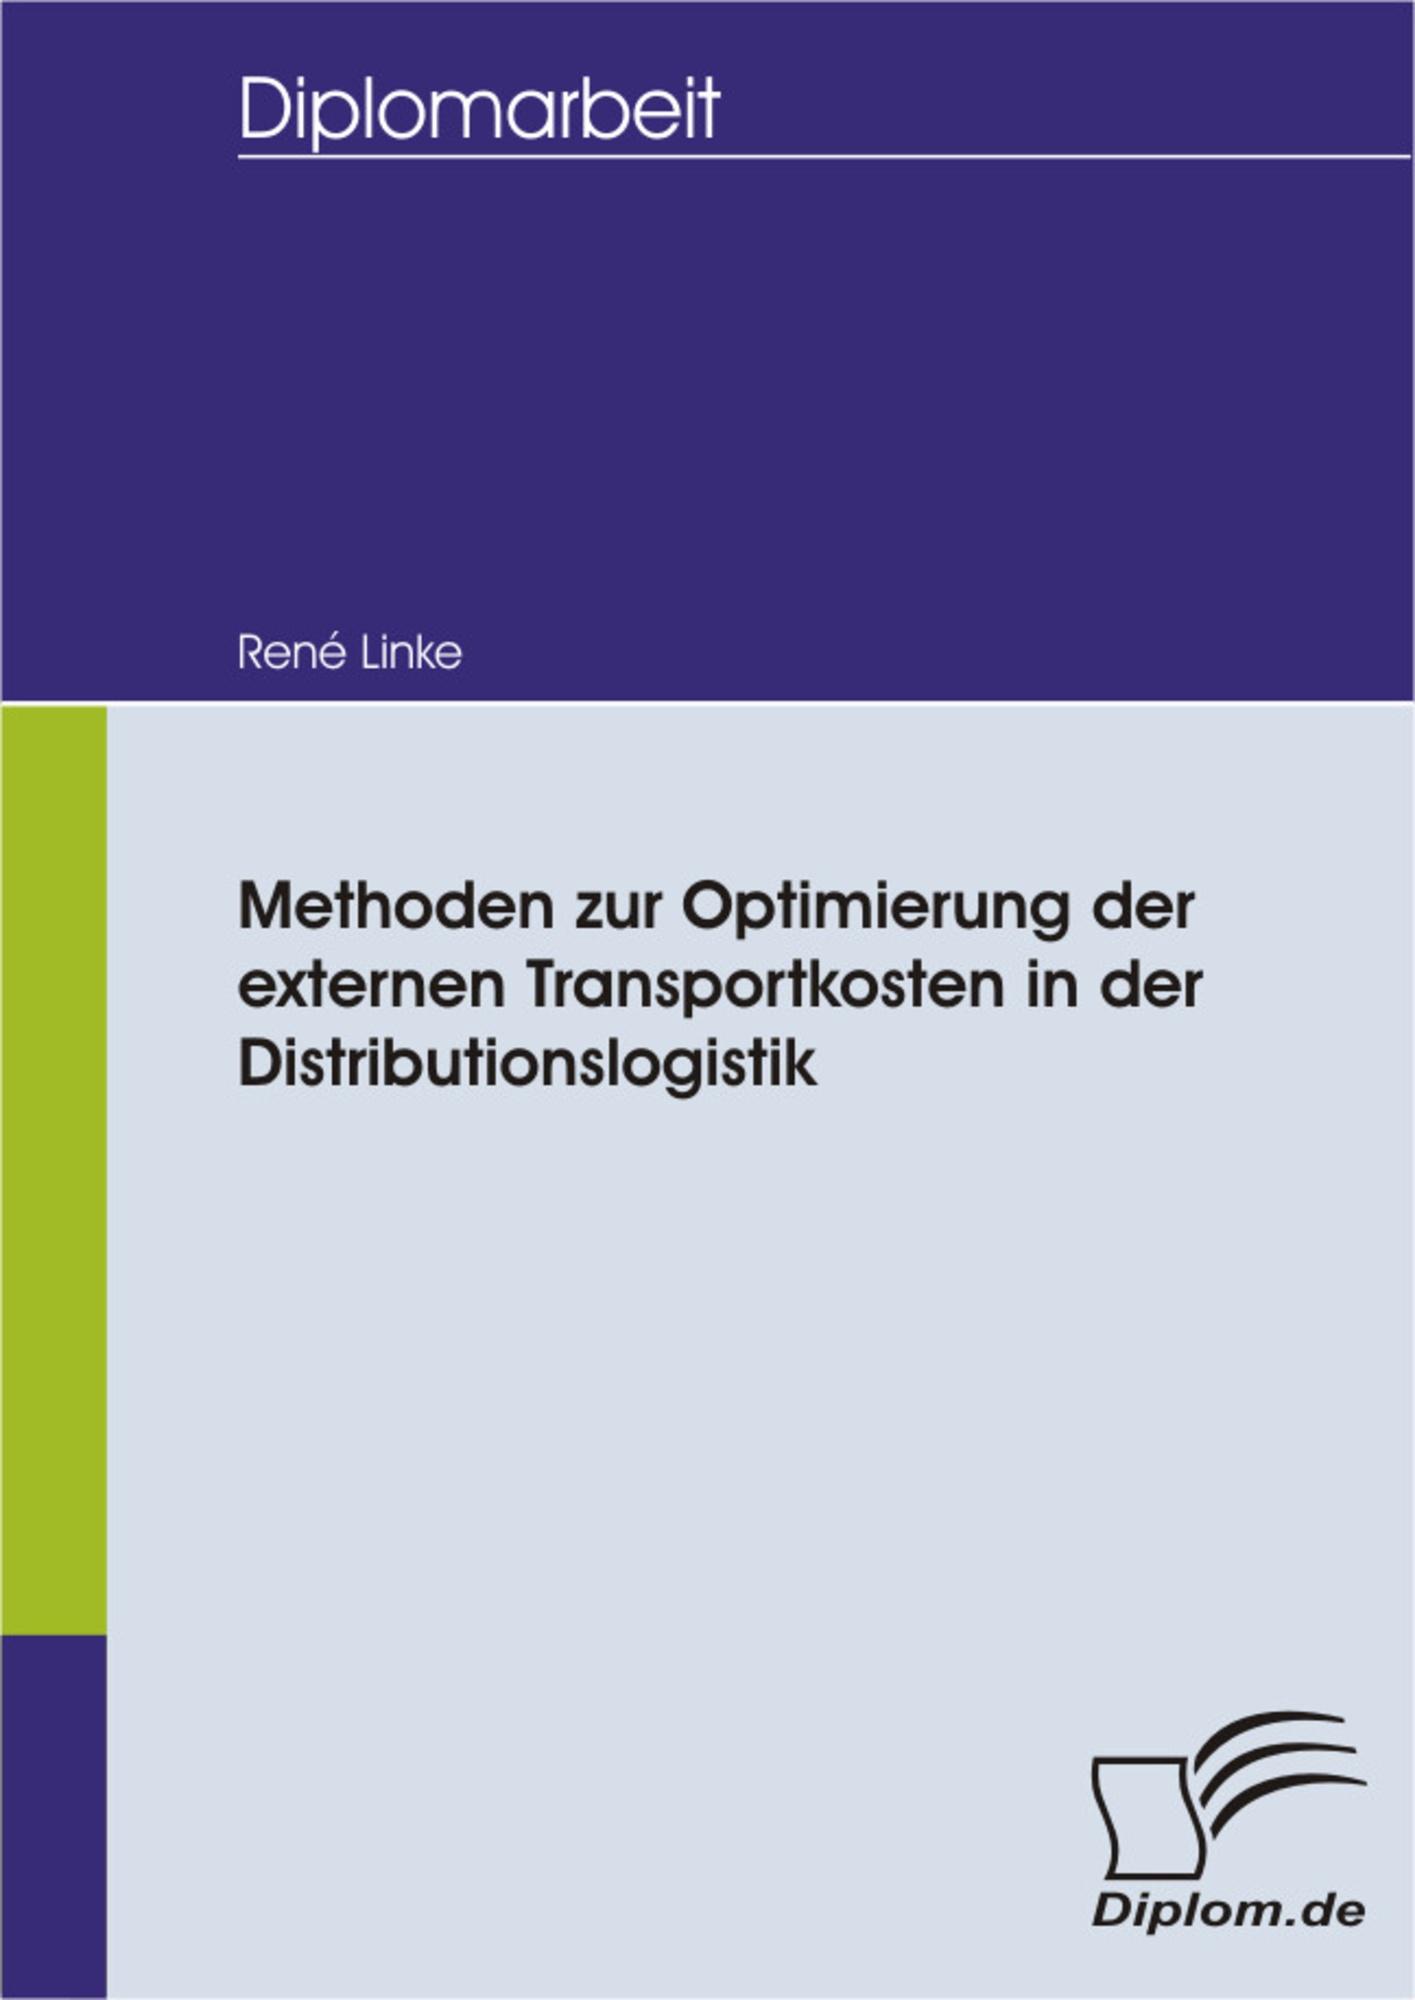 methoden zur optimierung der externen transportkosten in der